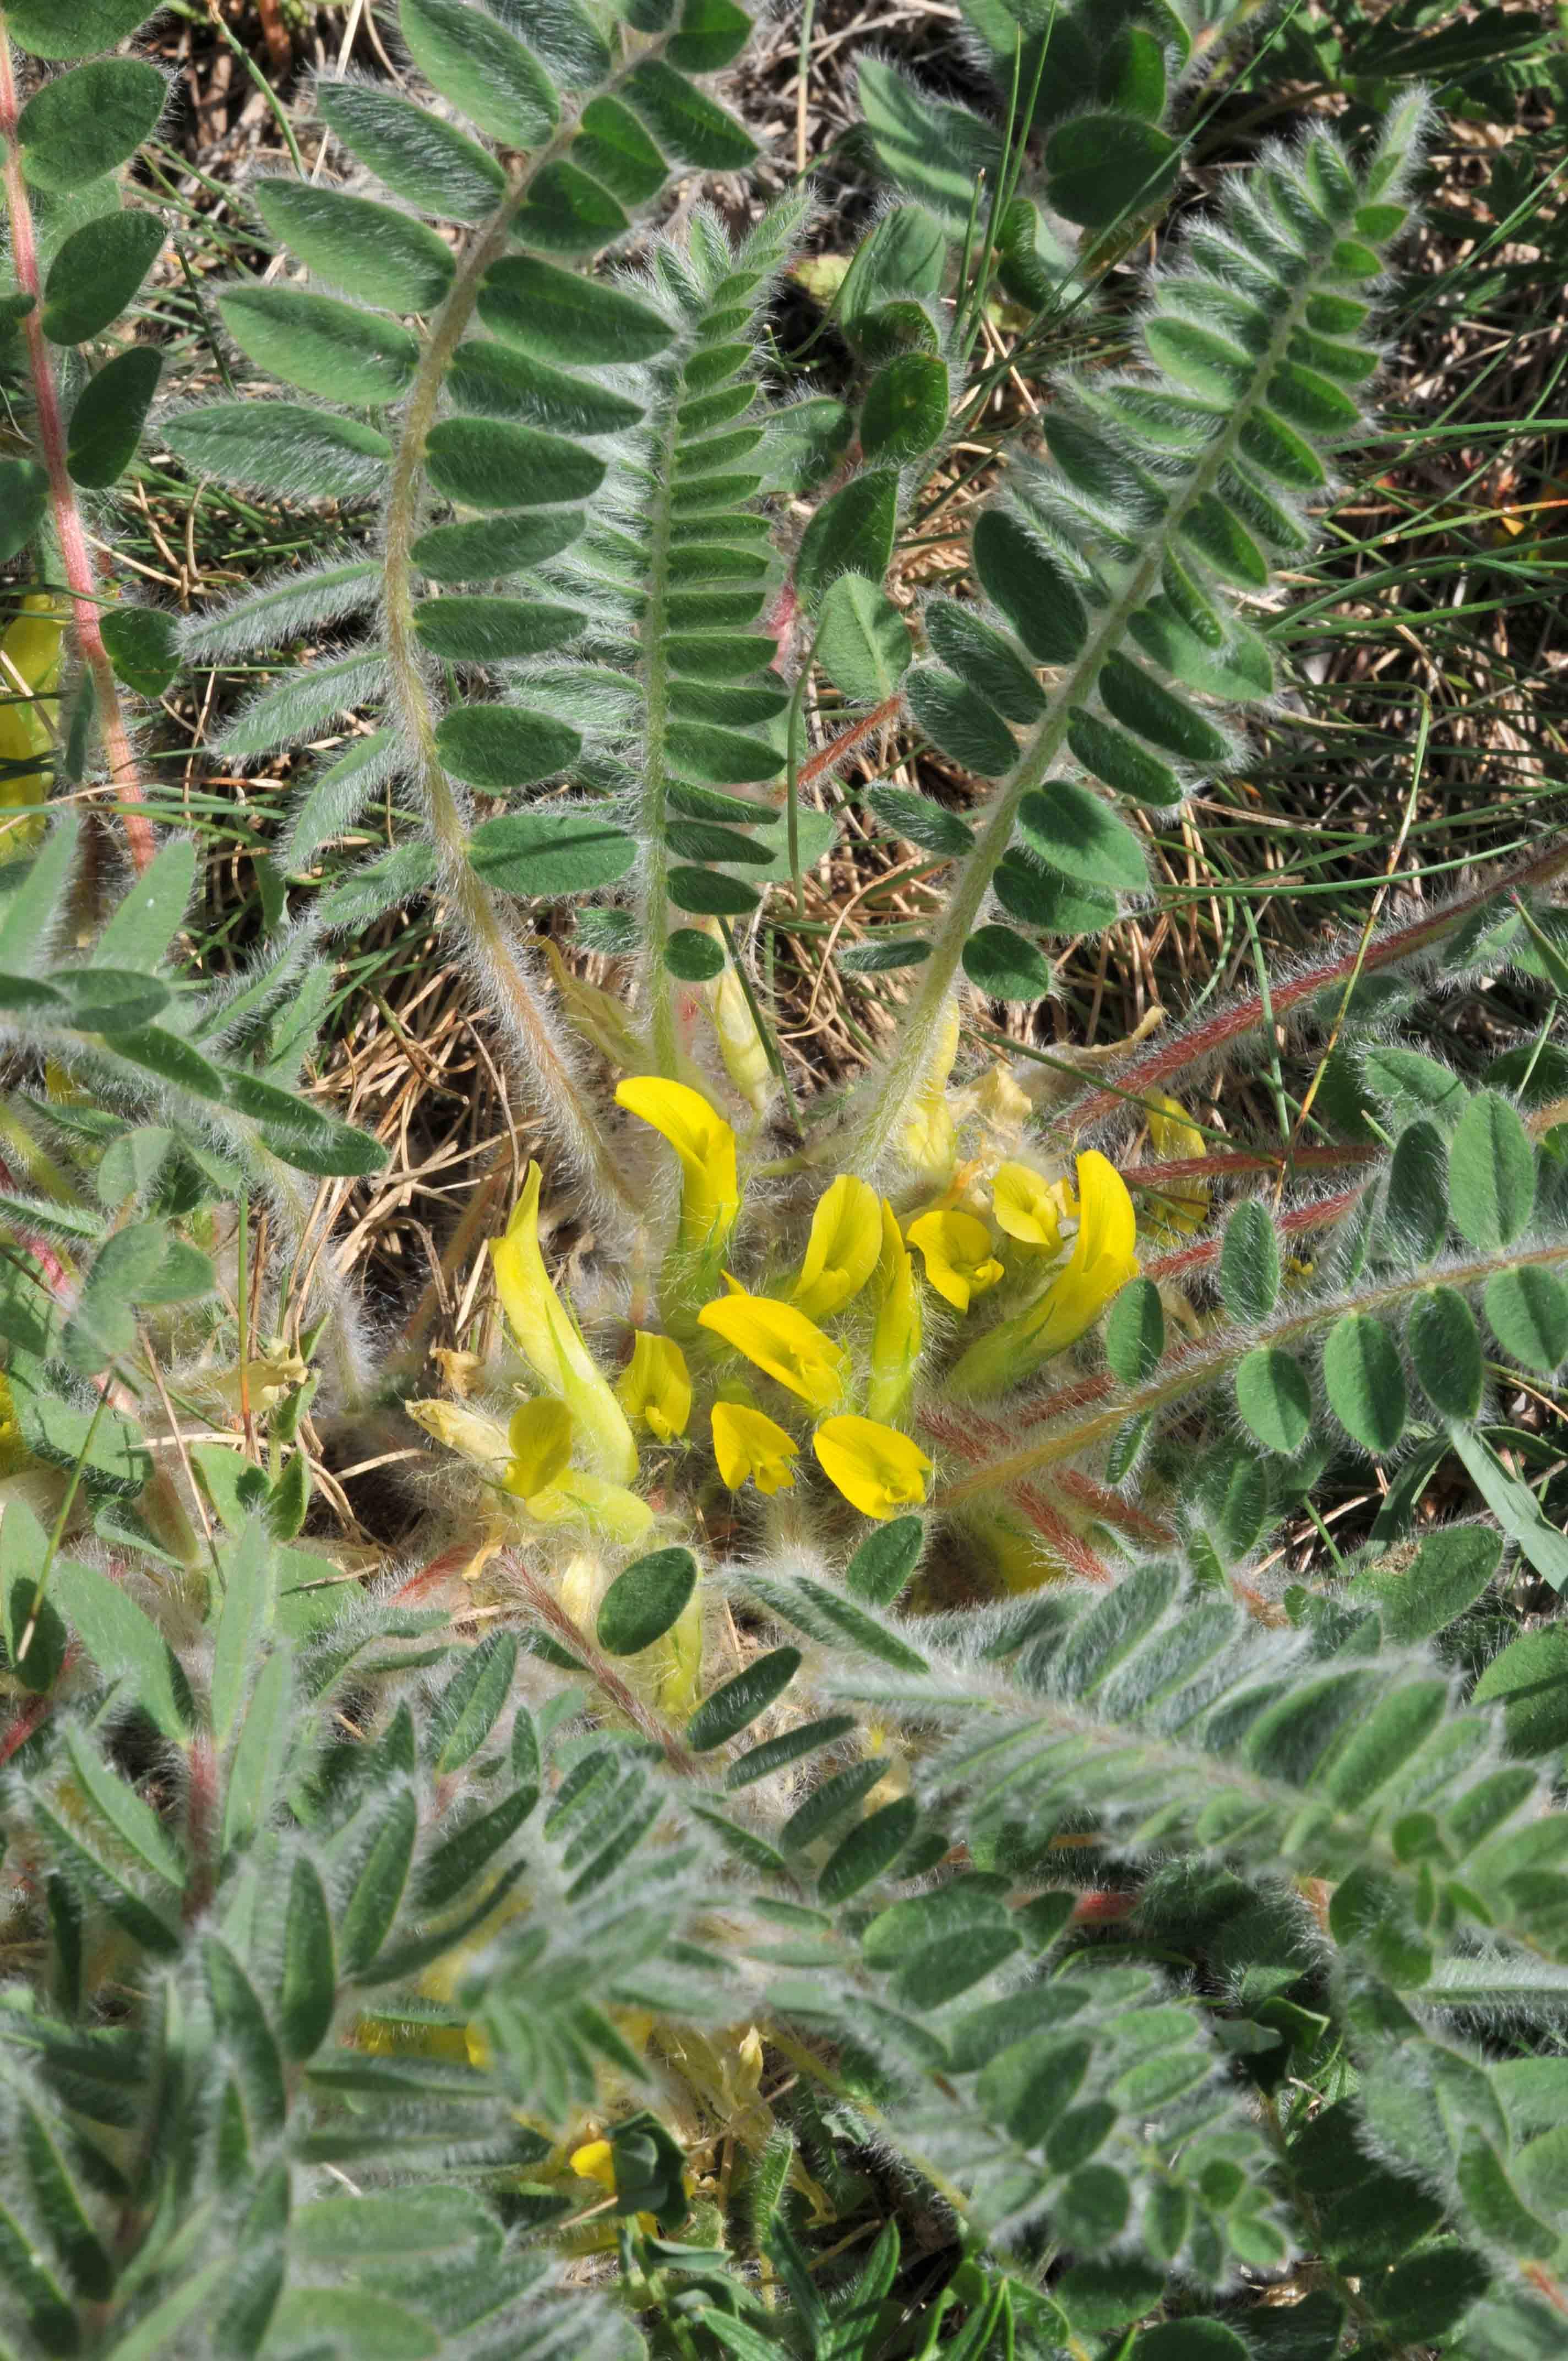 Auf dem Bild ist der Stängellose Tragant mit gelben Blüten zu sehen.